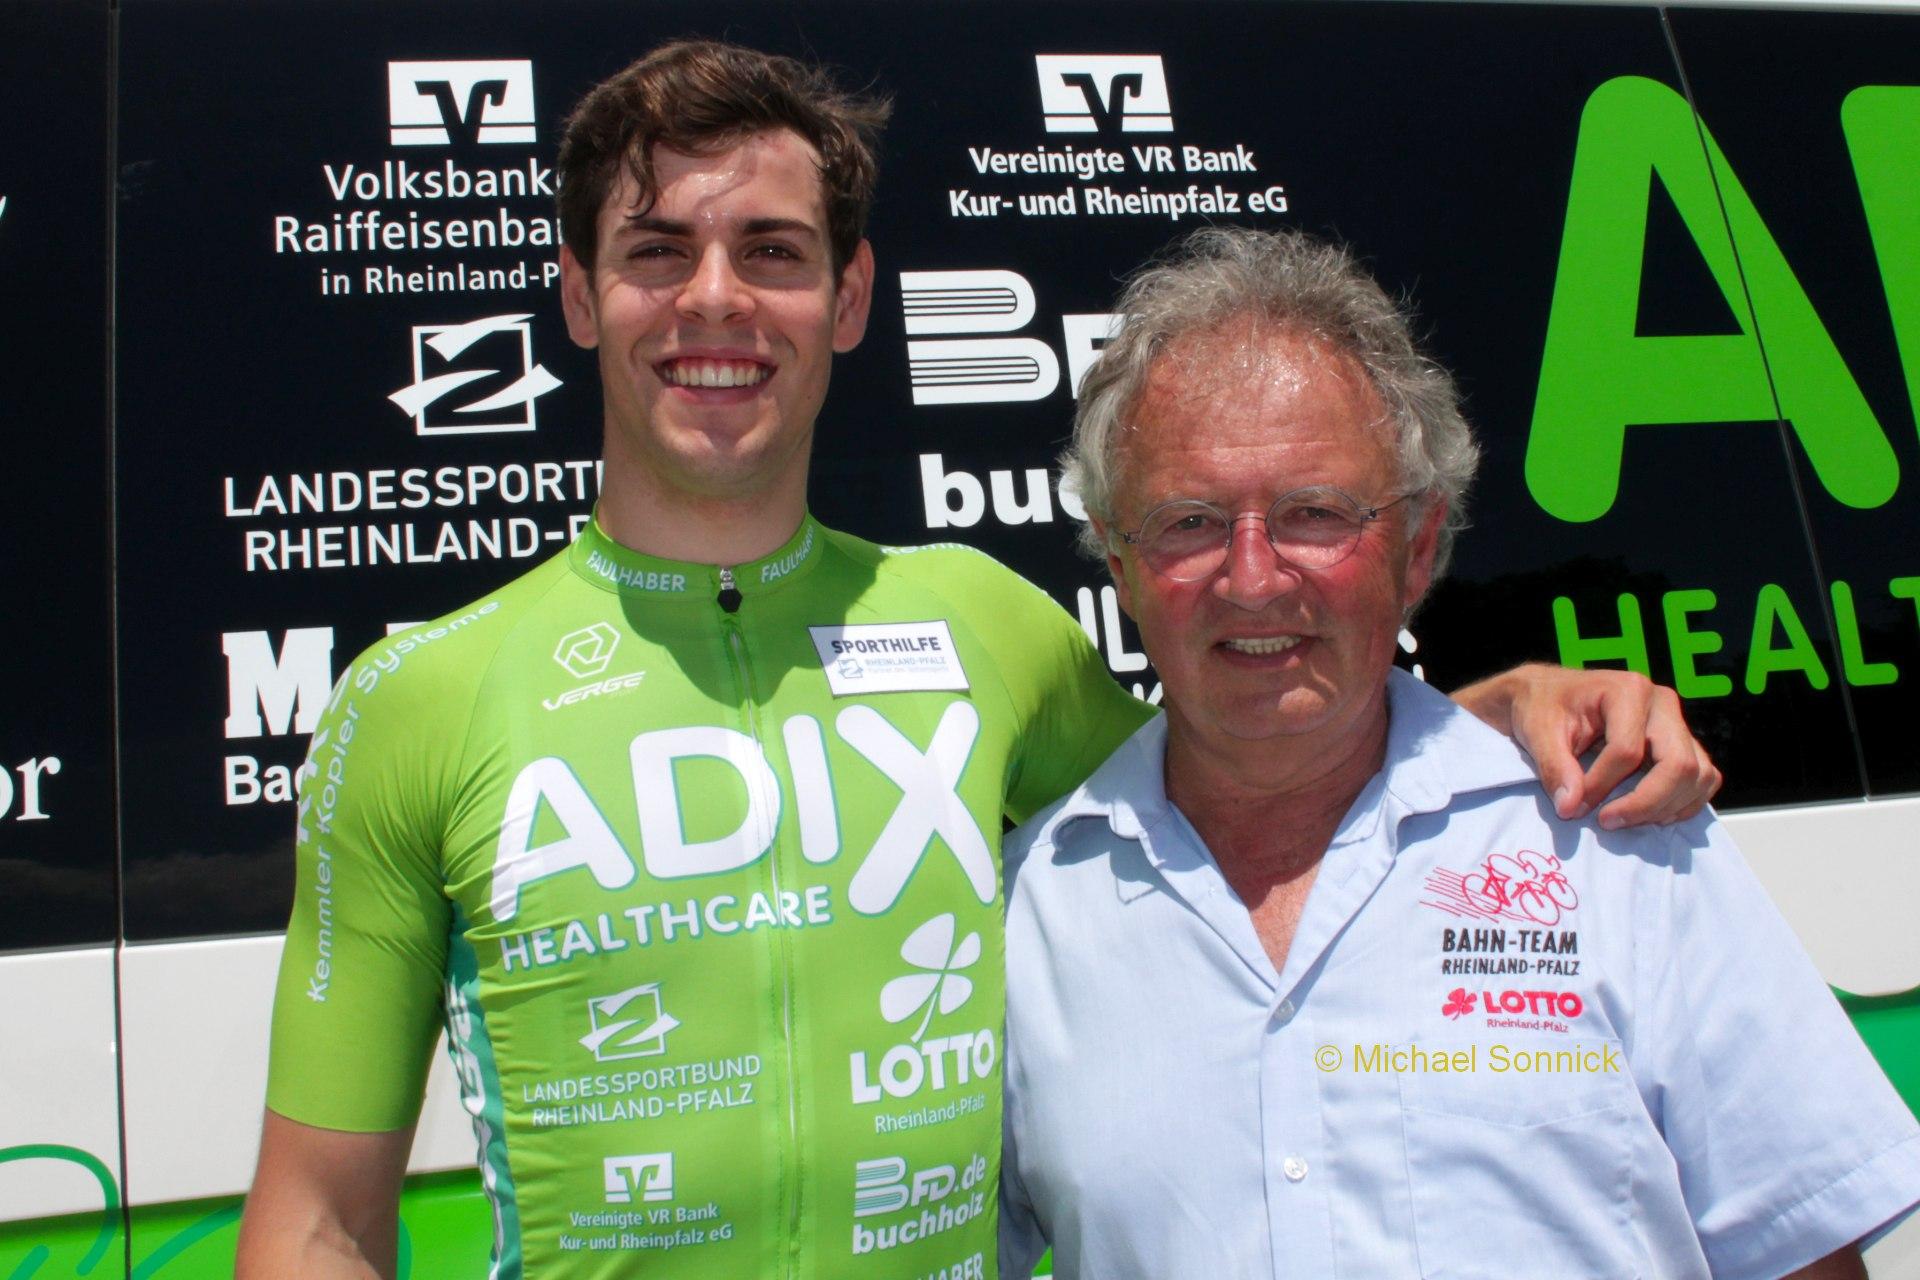 Bahnradfahrer Timo Bichler wurde für die Olympischen Spiele nominiert